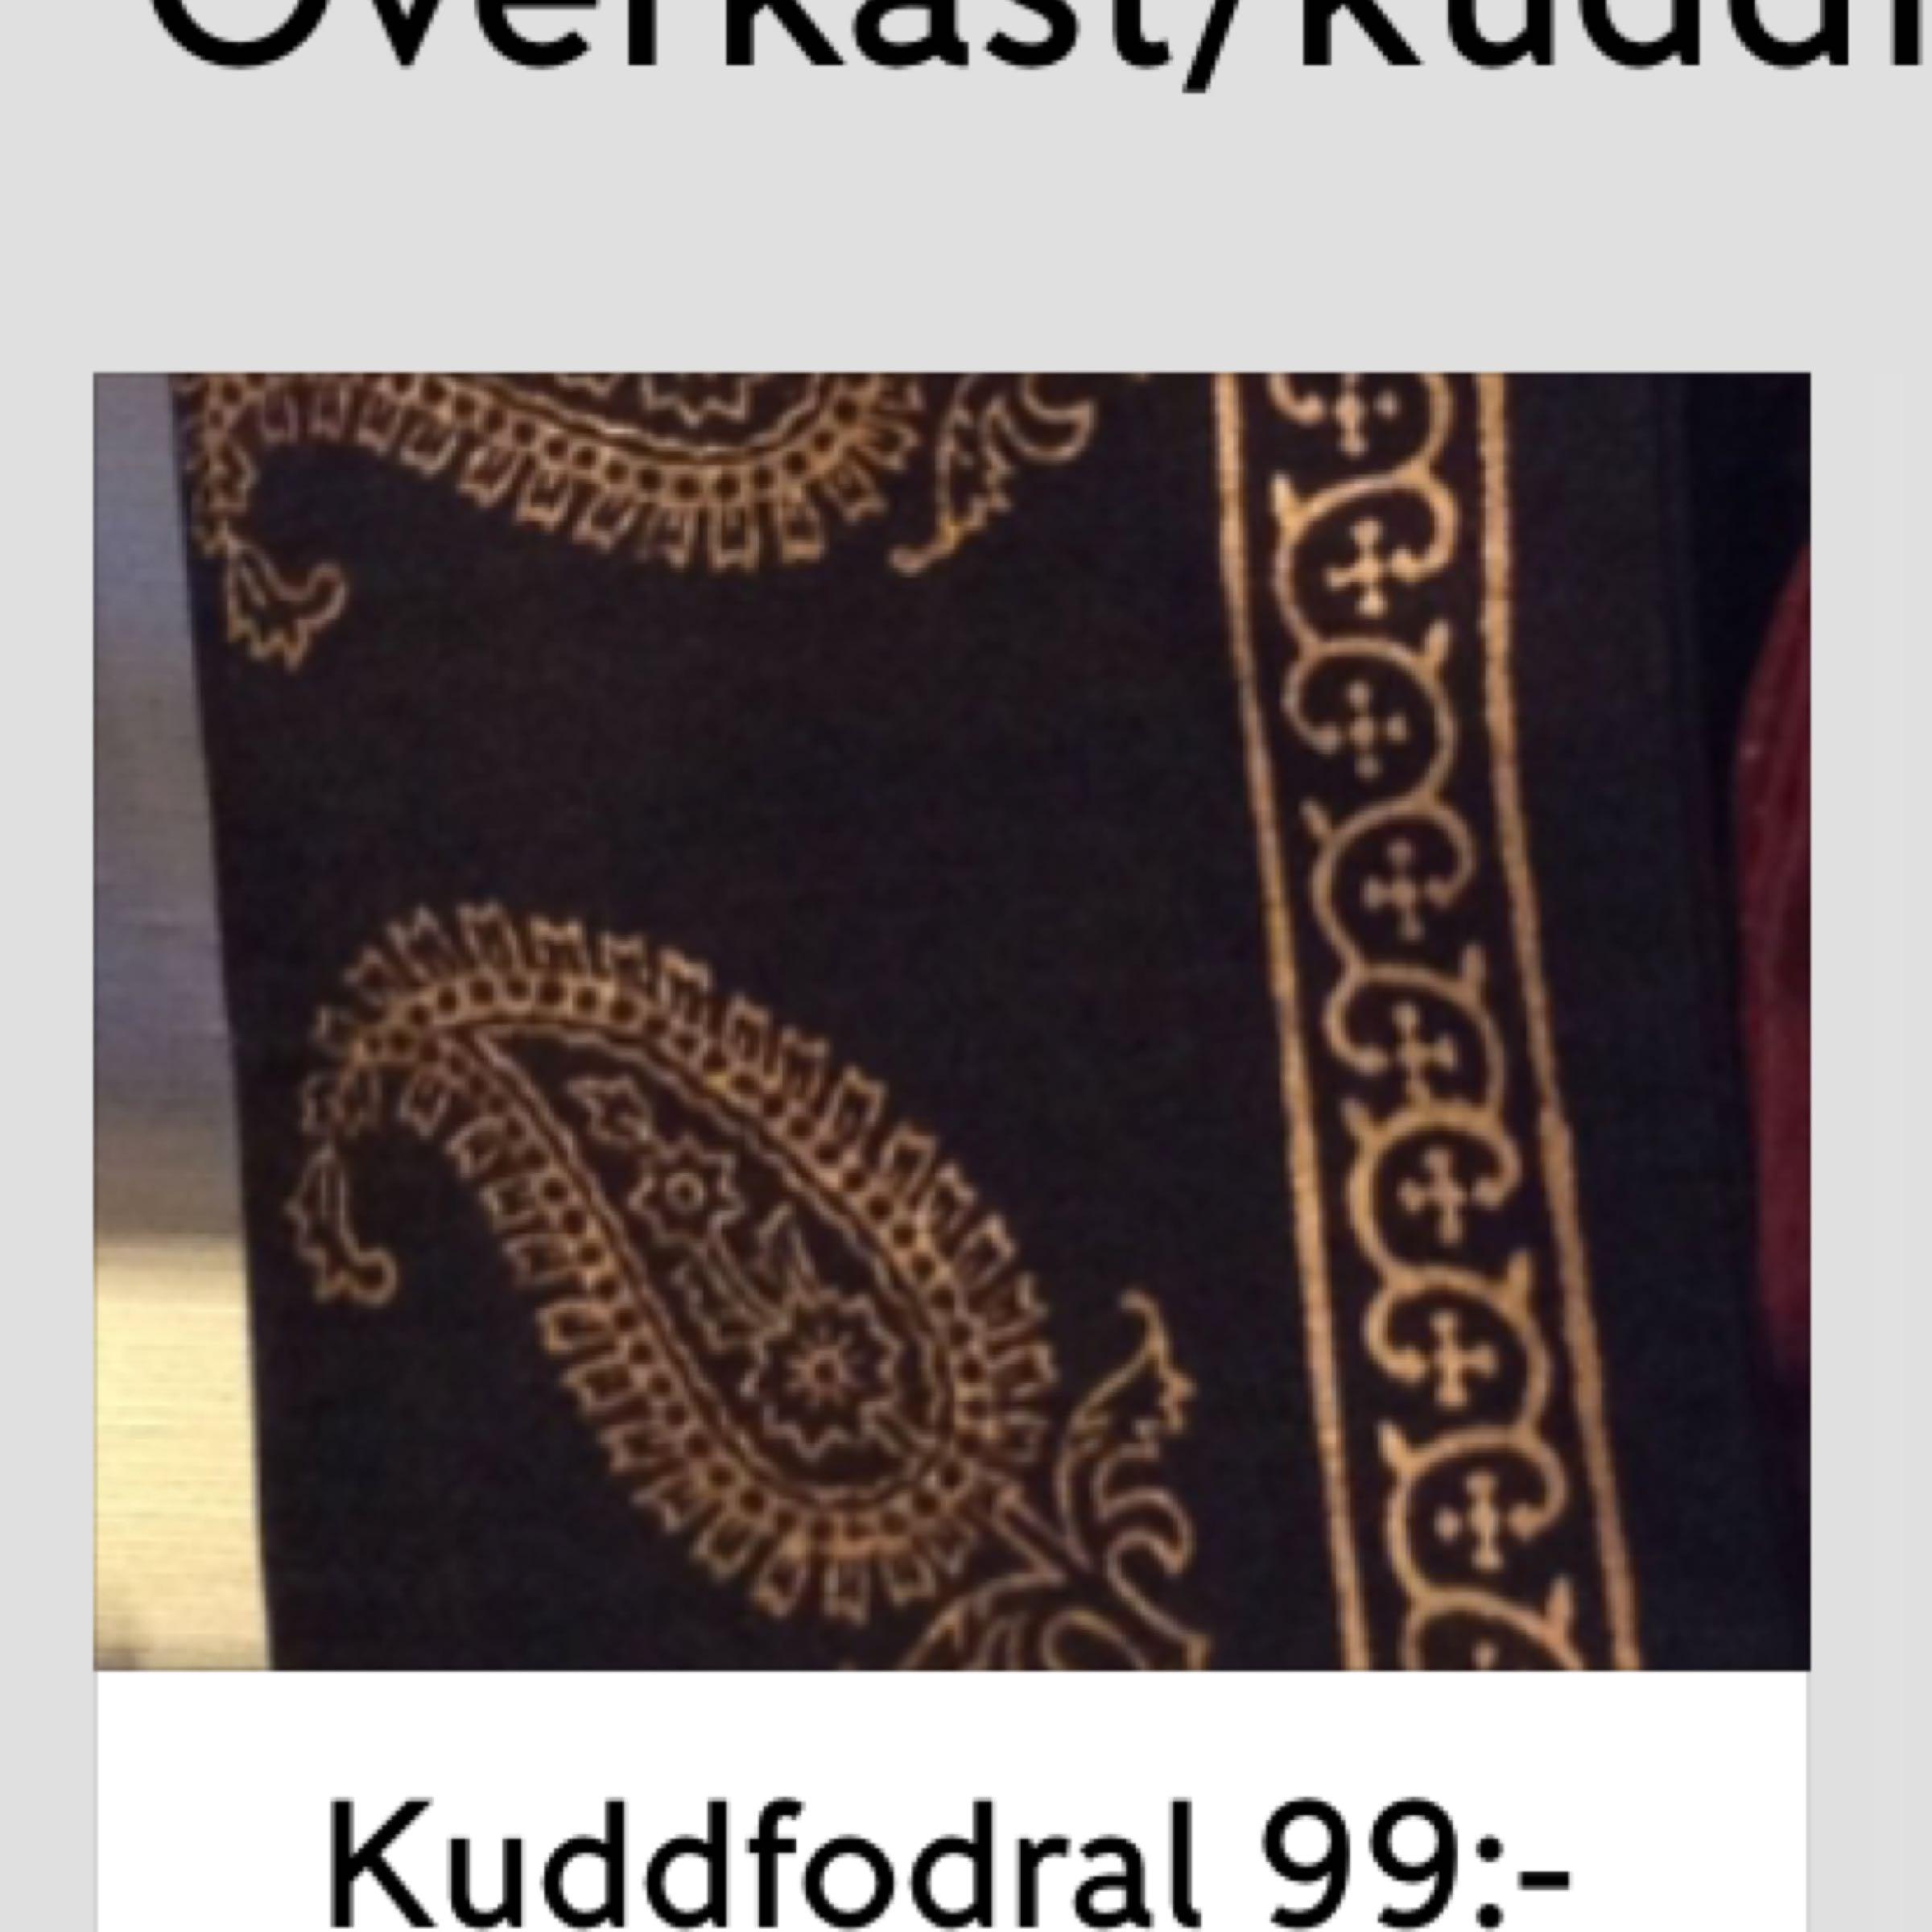 Kuddfodral 99:-